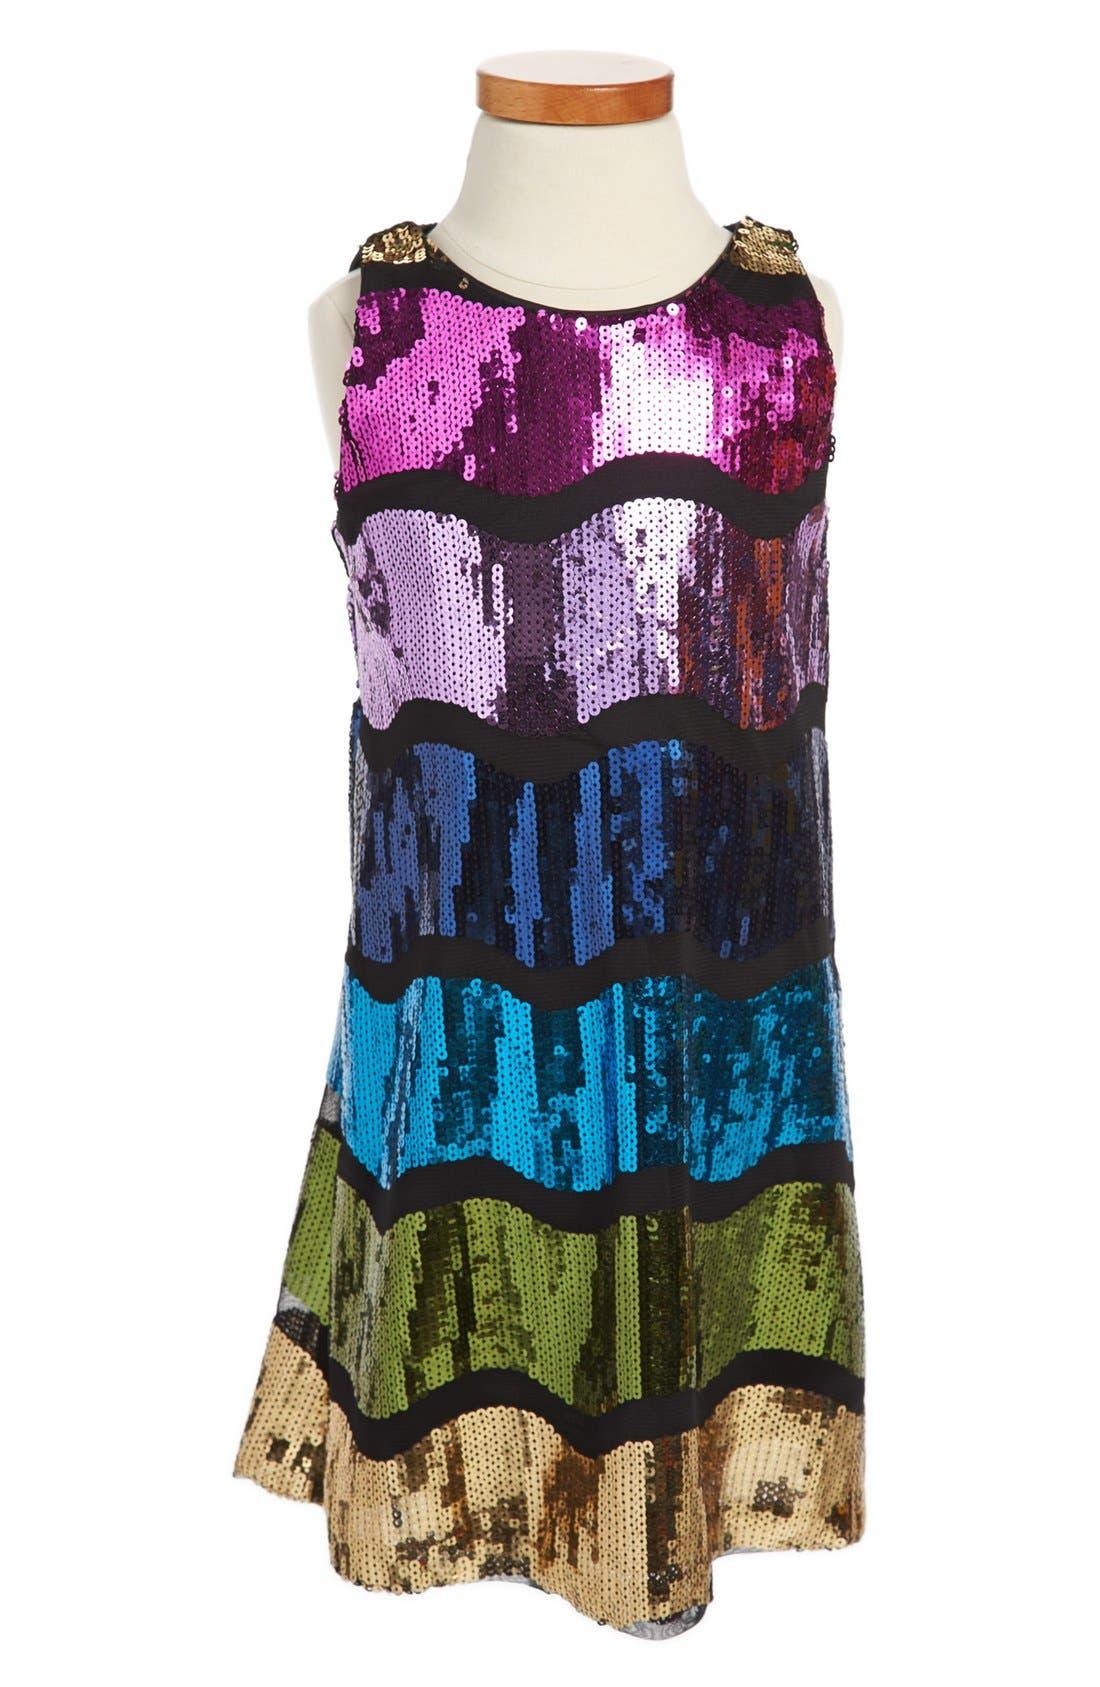 Main Image - Pippa & Julie Sleeveless Sequin Dress (Little Girls & Big Girls)